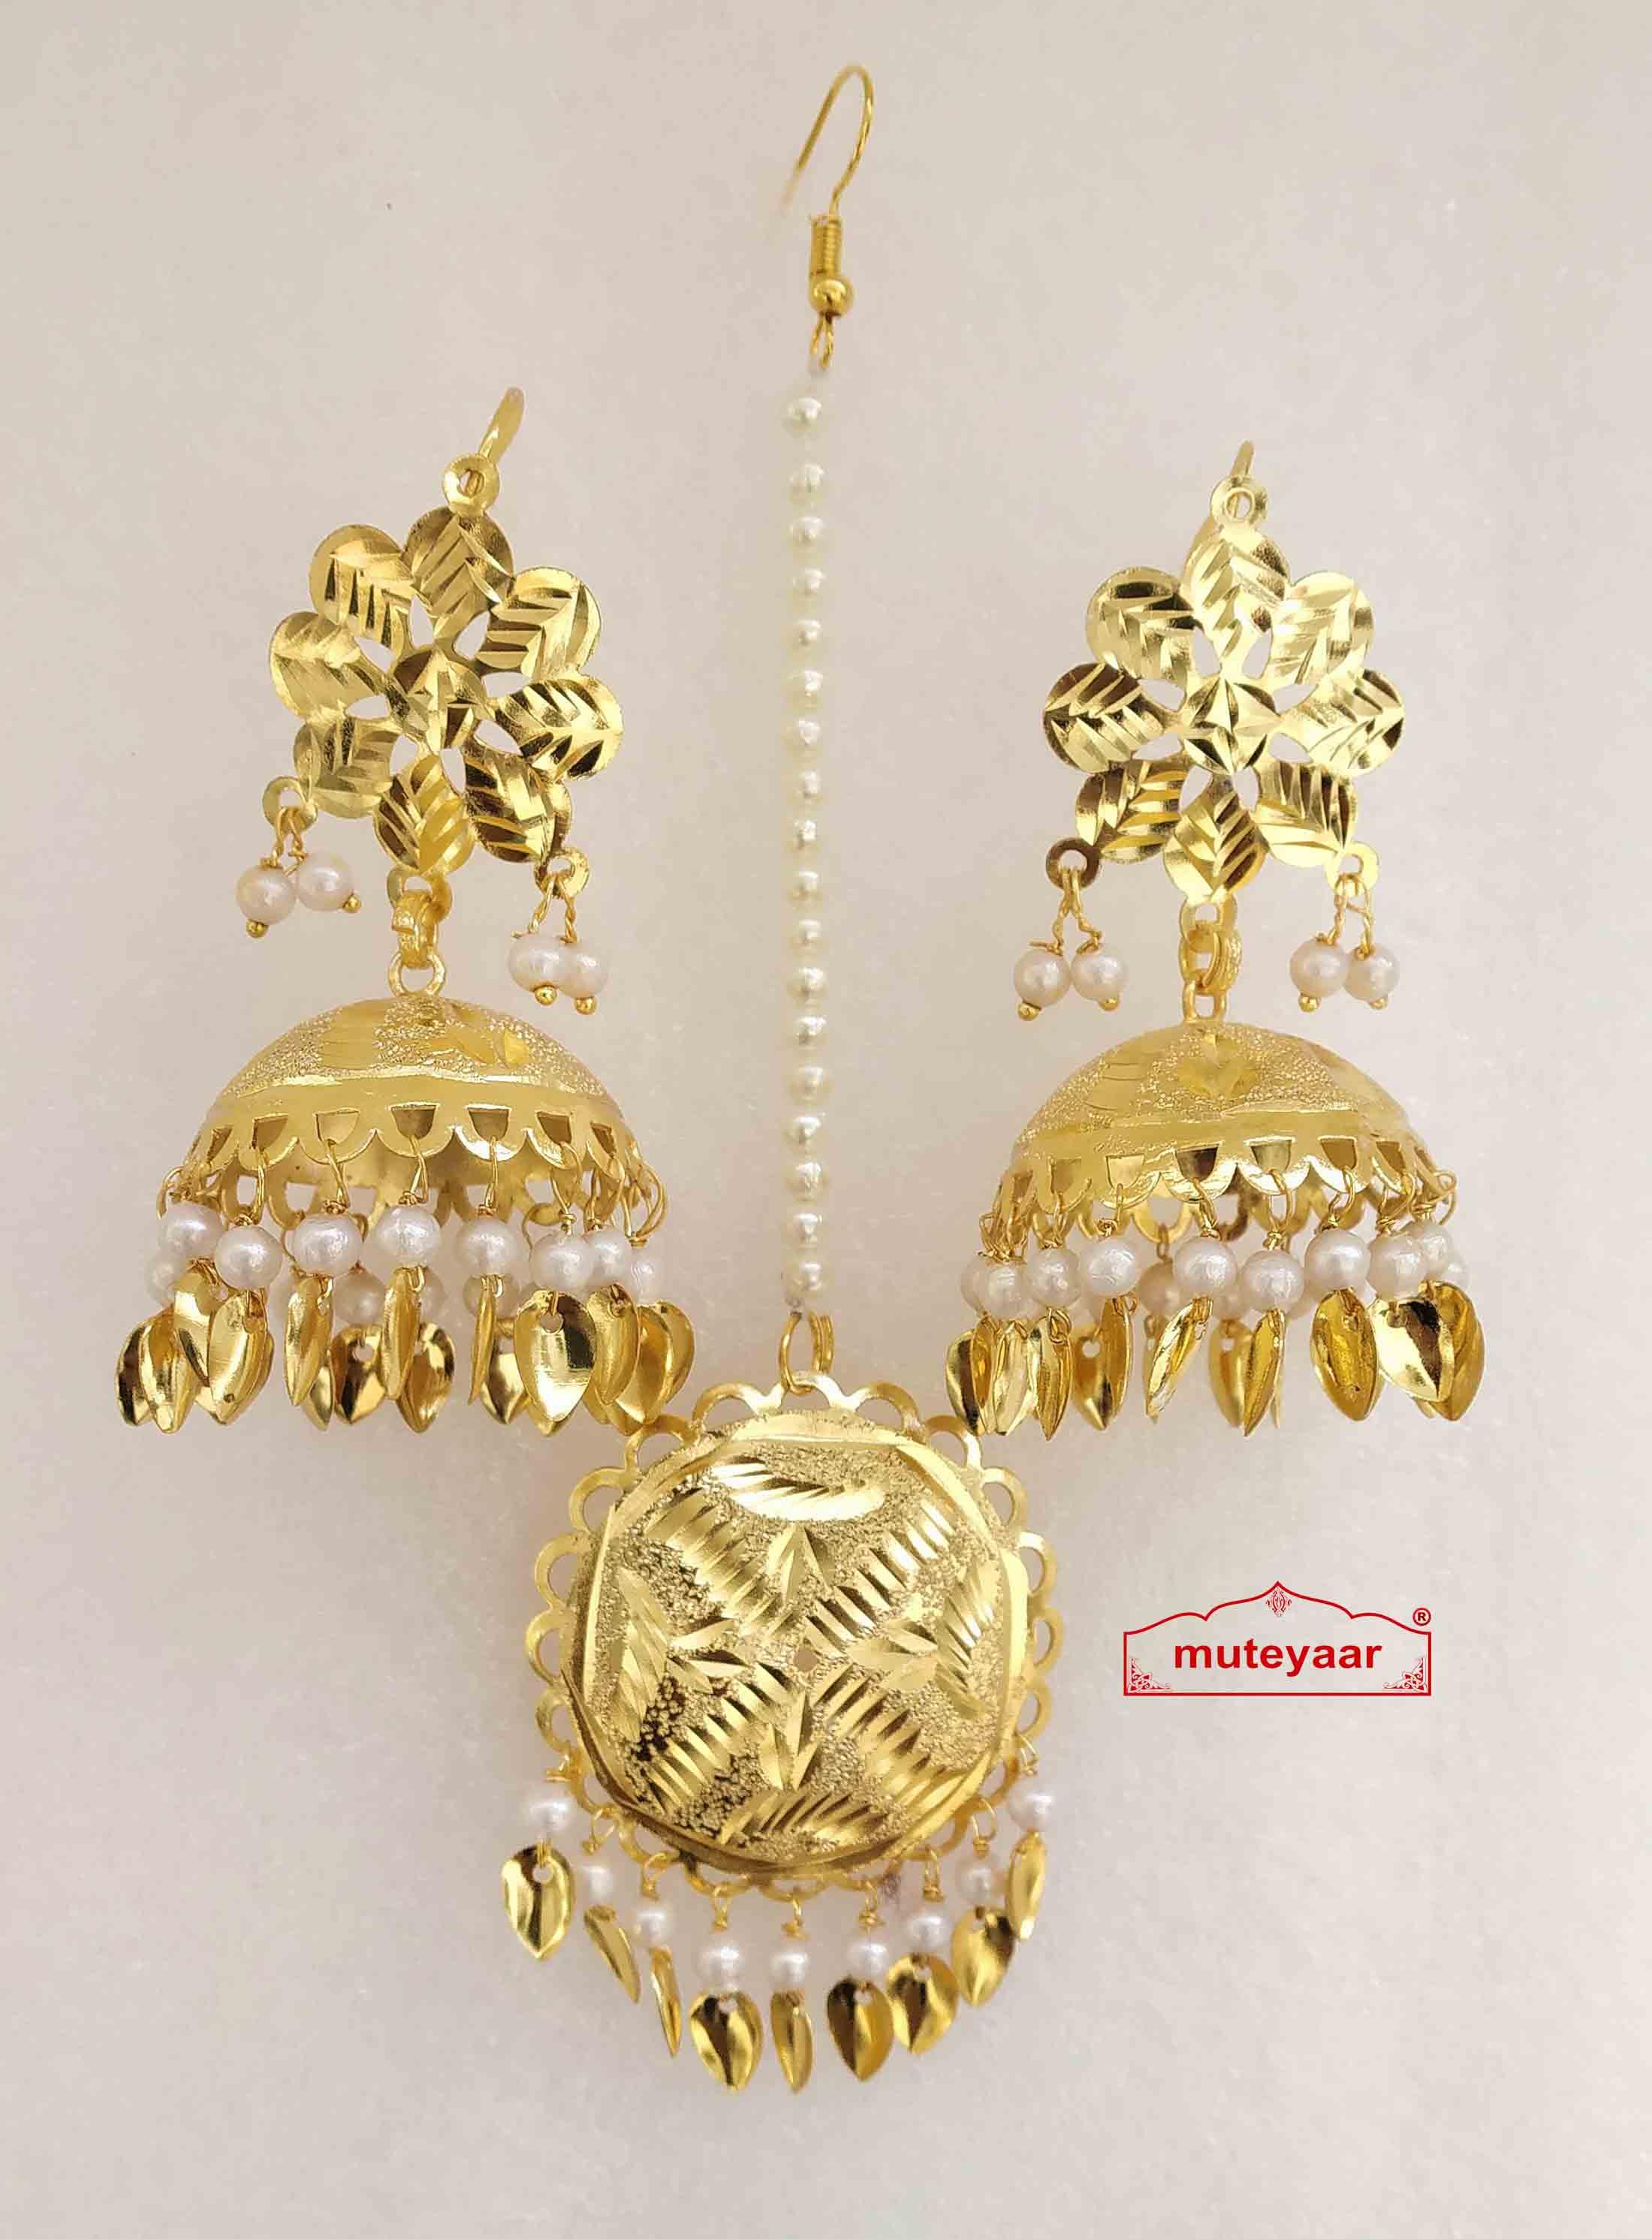 Gold Polished Punjabi Earrings Tikka set with white moti / patta J0482 1